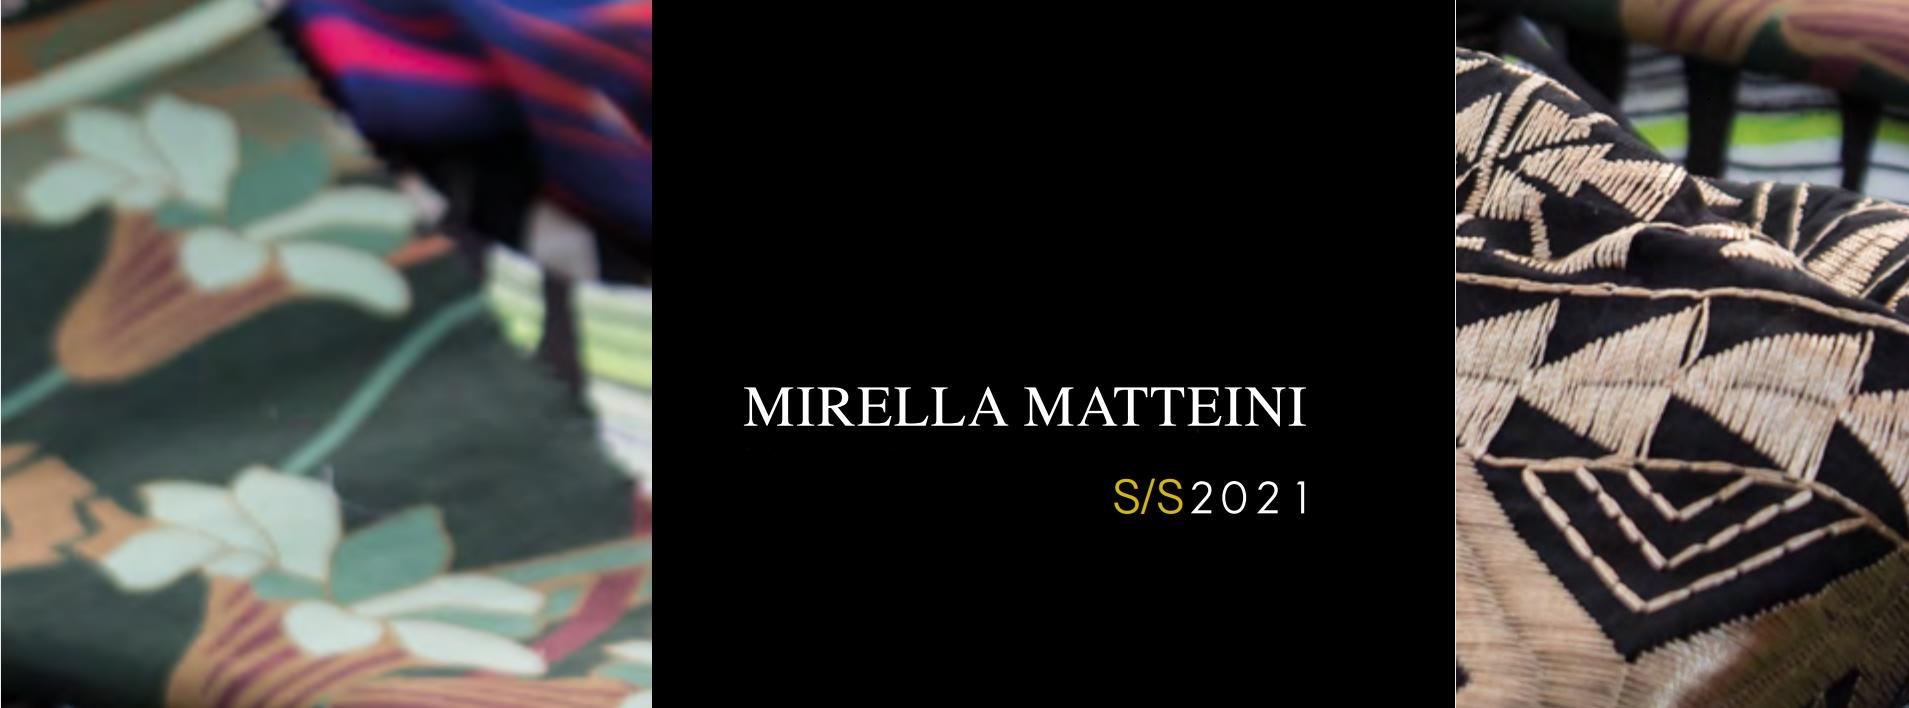 mirella-matteini-banner-primavera-verano